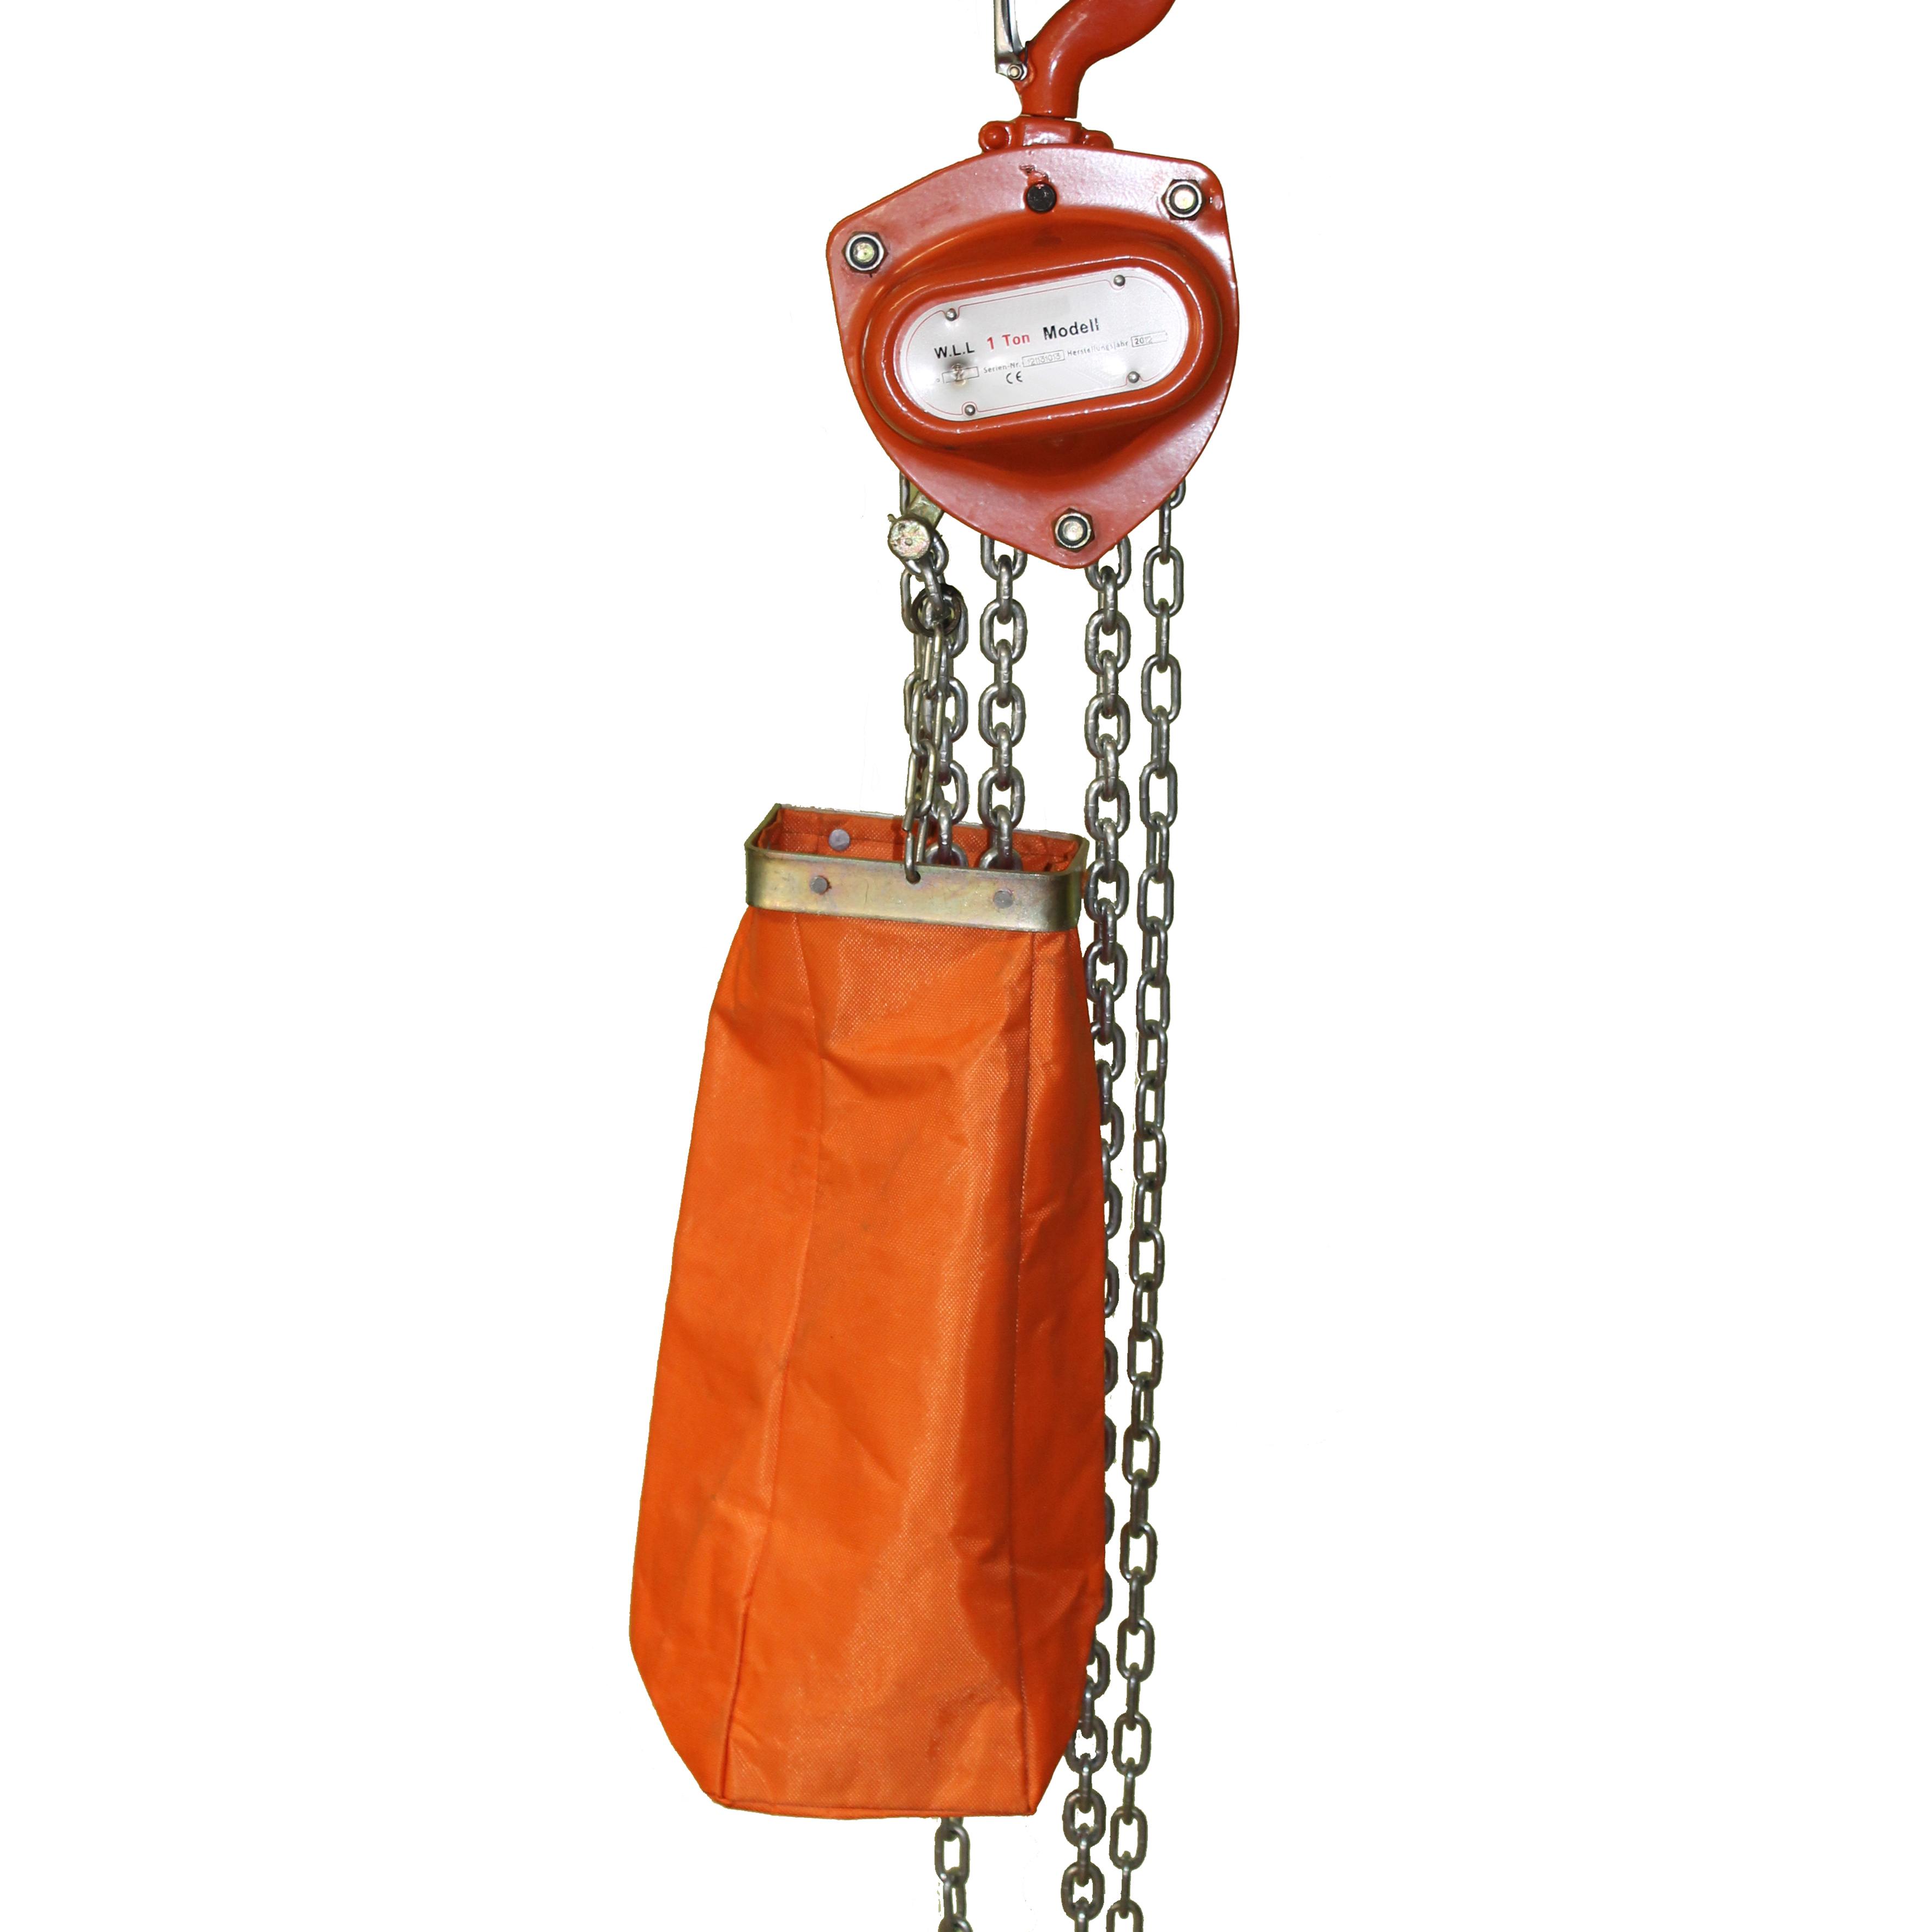 Kettenspeicher für Handkettenzüge